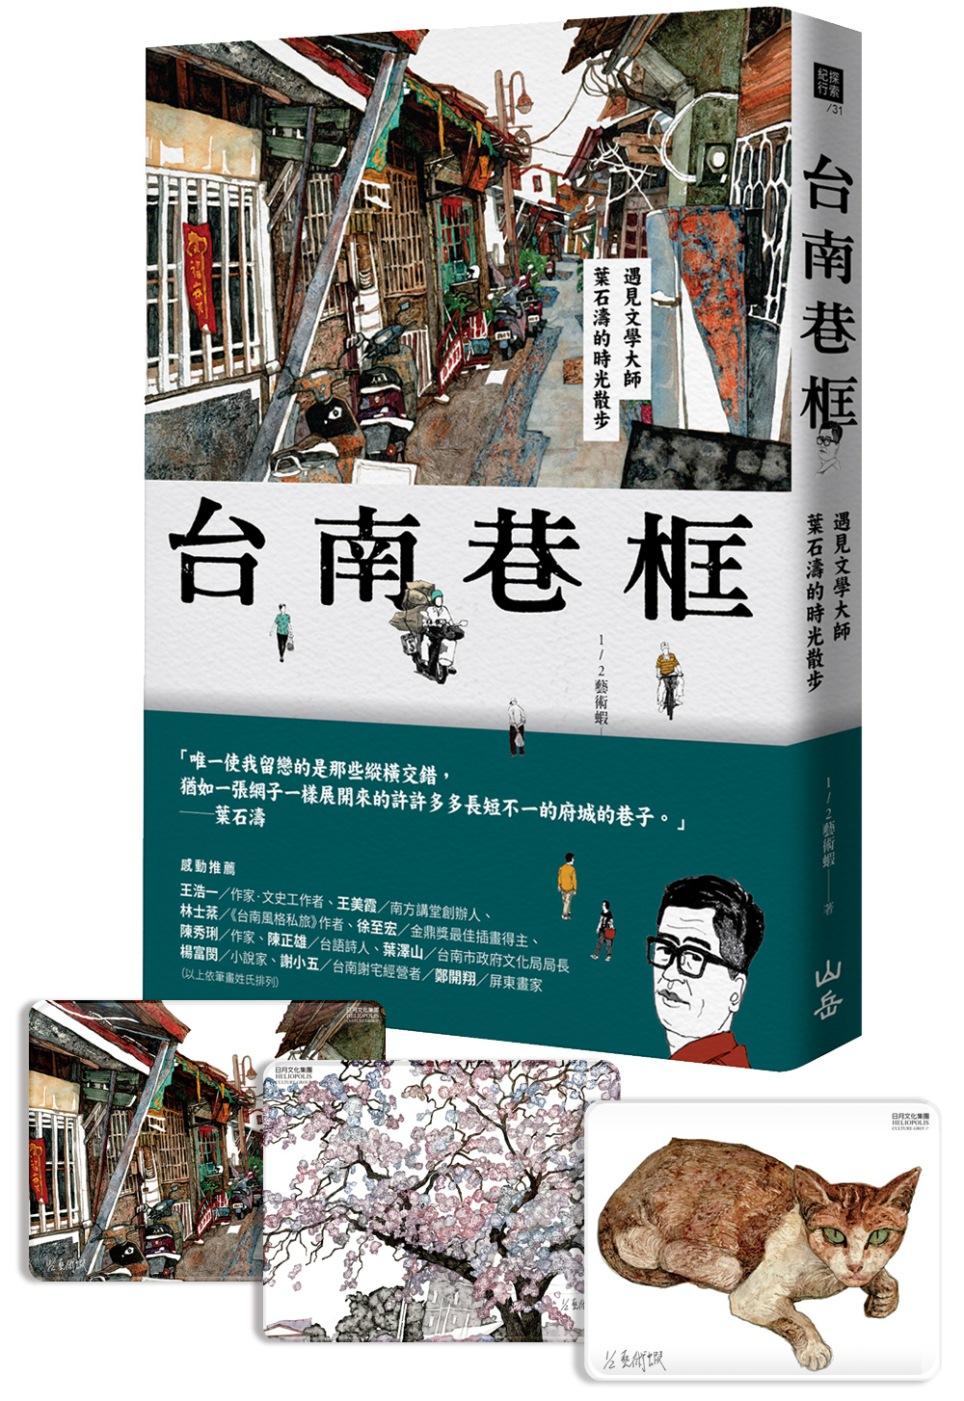 台南巷框:遇見文學大師葉石濤的時光散步(限量加贈1/2藝術蝦畫作 精美壓克力磁鐵/乙款)